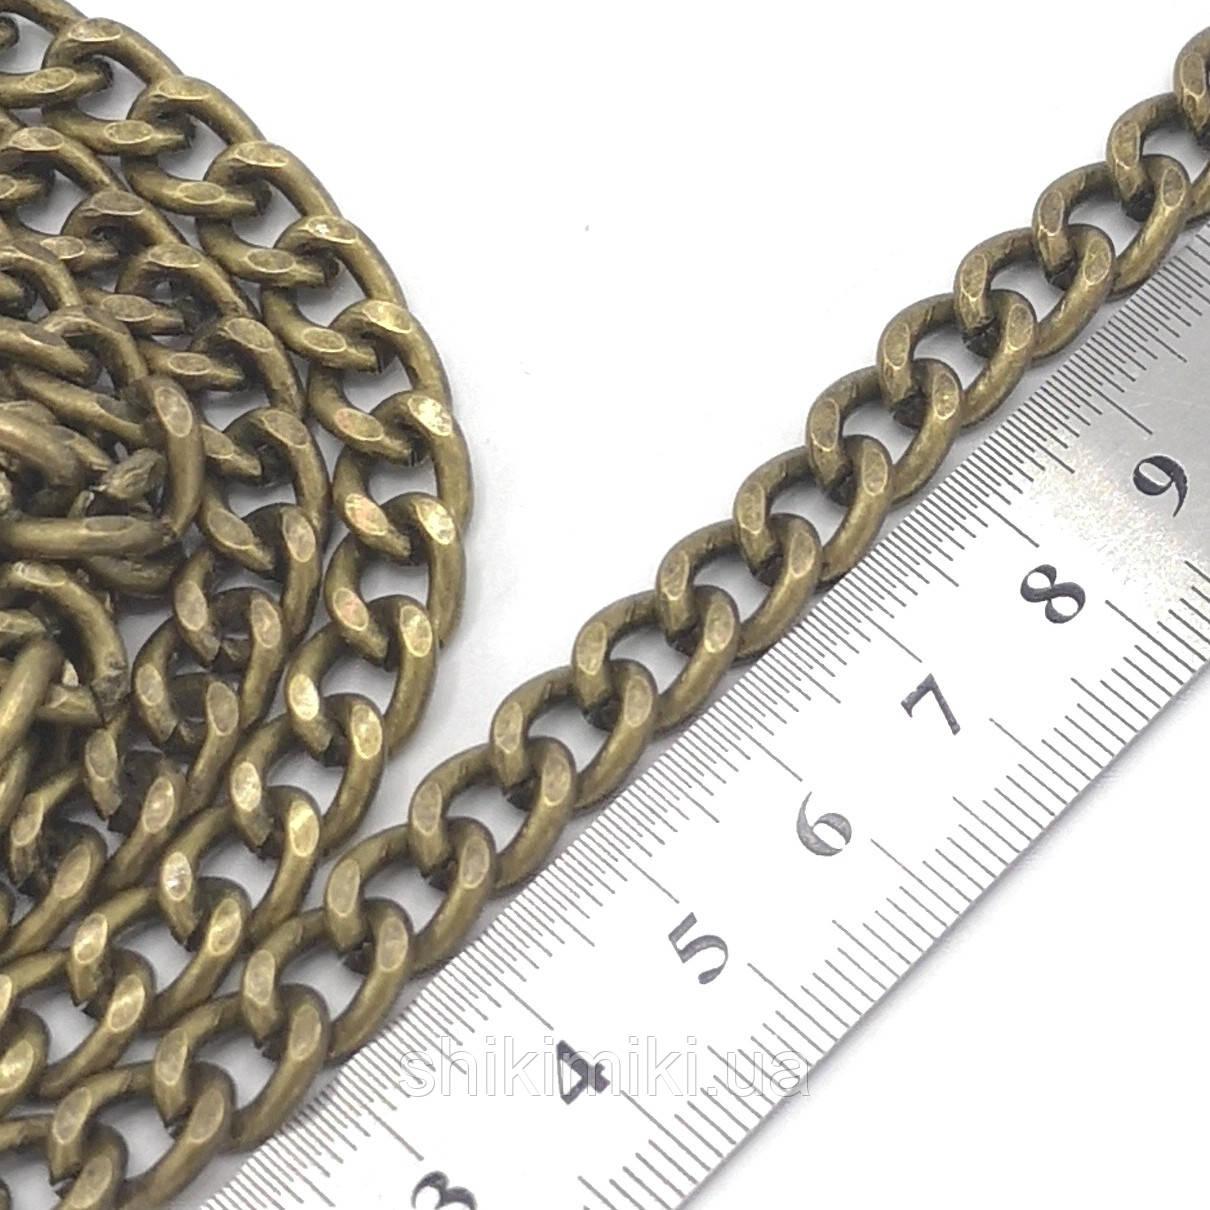 Цепочка  для сумки крупная Z02-4, цвет антик